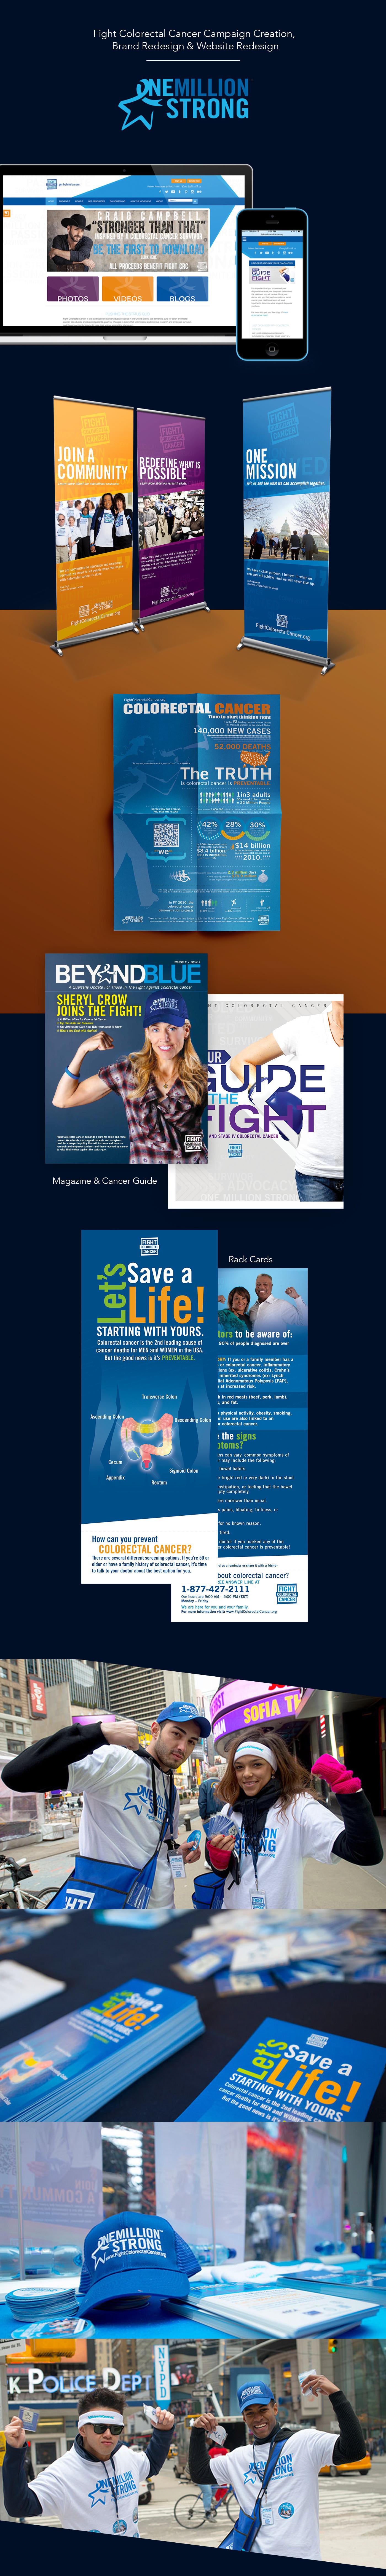 brand,design,campaign,non-profit,Non-profit design,brand non-profit,Website Design